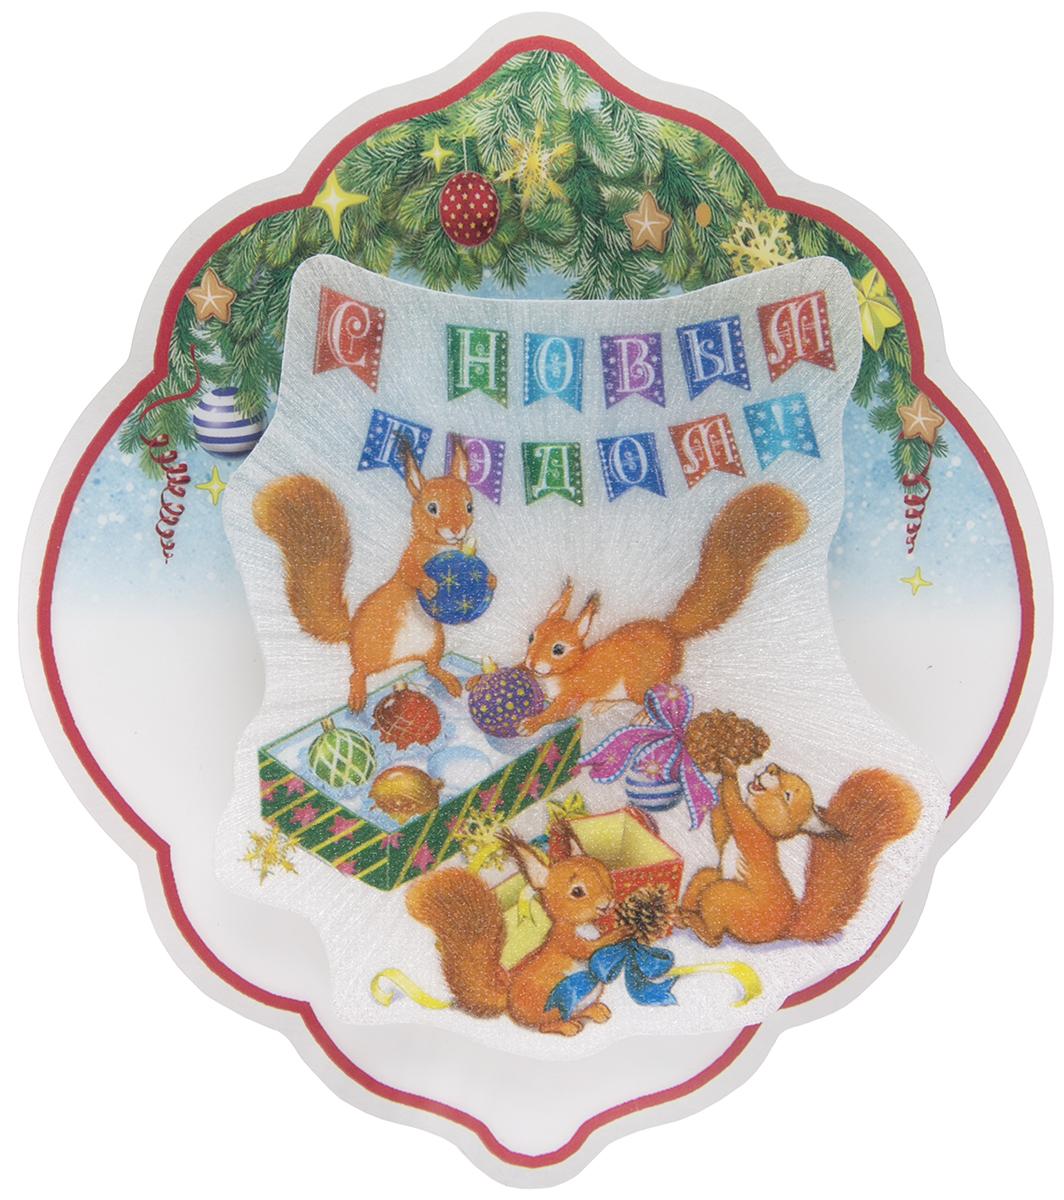 Новогоднее подвесное украшение Magic Time Белочки, с подсветкой украшение новогоднее magic time дед мороз и медвежонок со светодиодной подсветкой 12 x 8 x 3 см